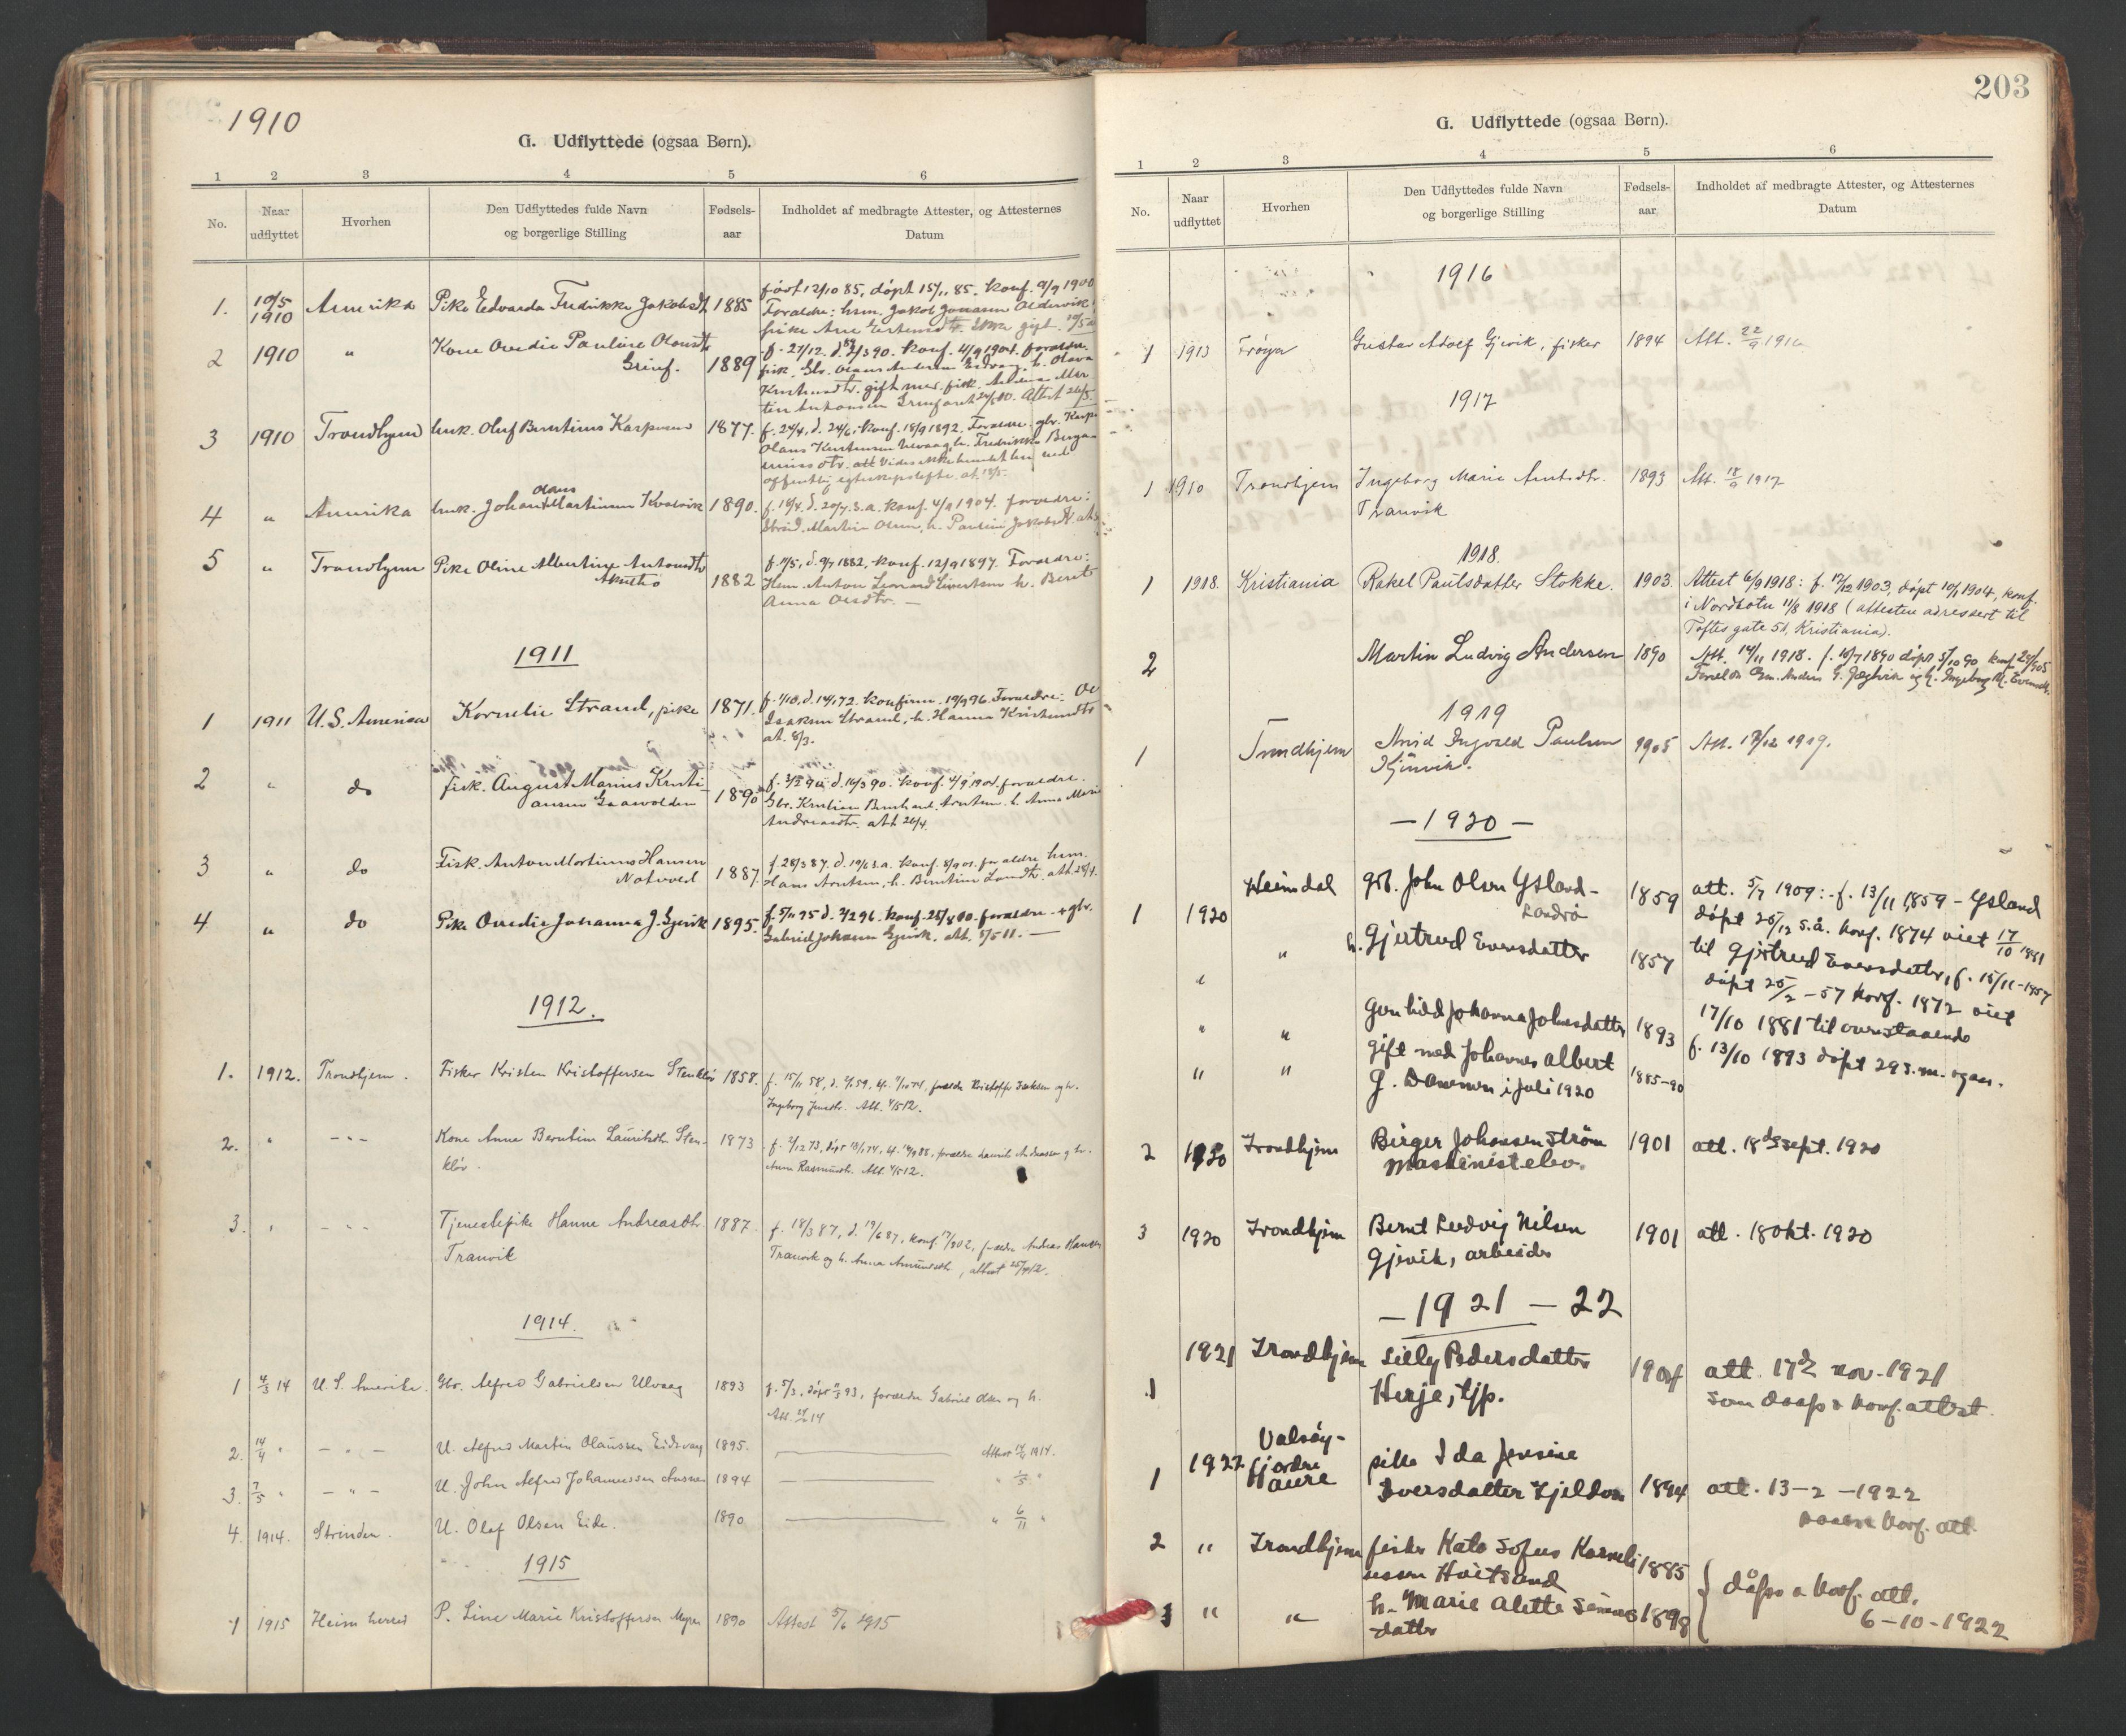 SAT, Ministerialprotokoller, klokkerbøker og fødselsregistre - Sør-Trøndelag, 637/L0559: Ministerialbok nr. 637A02, 1899-1923, s. 203